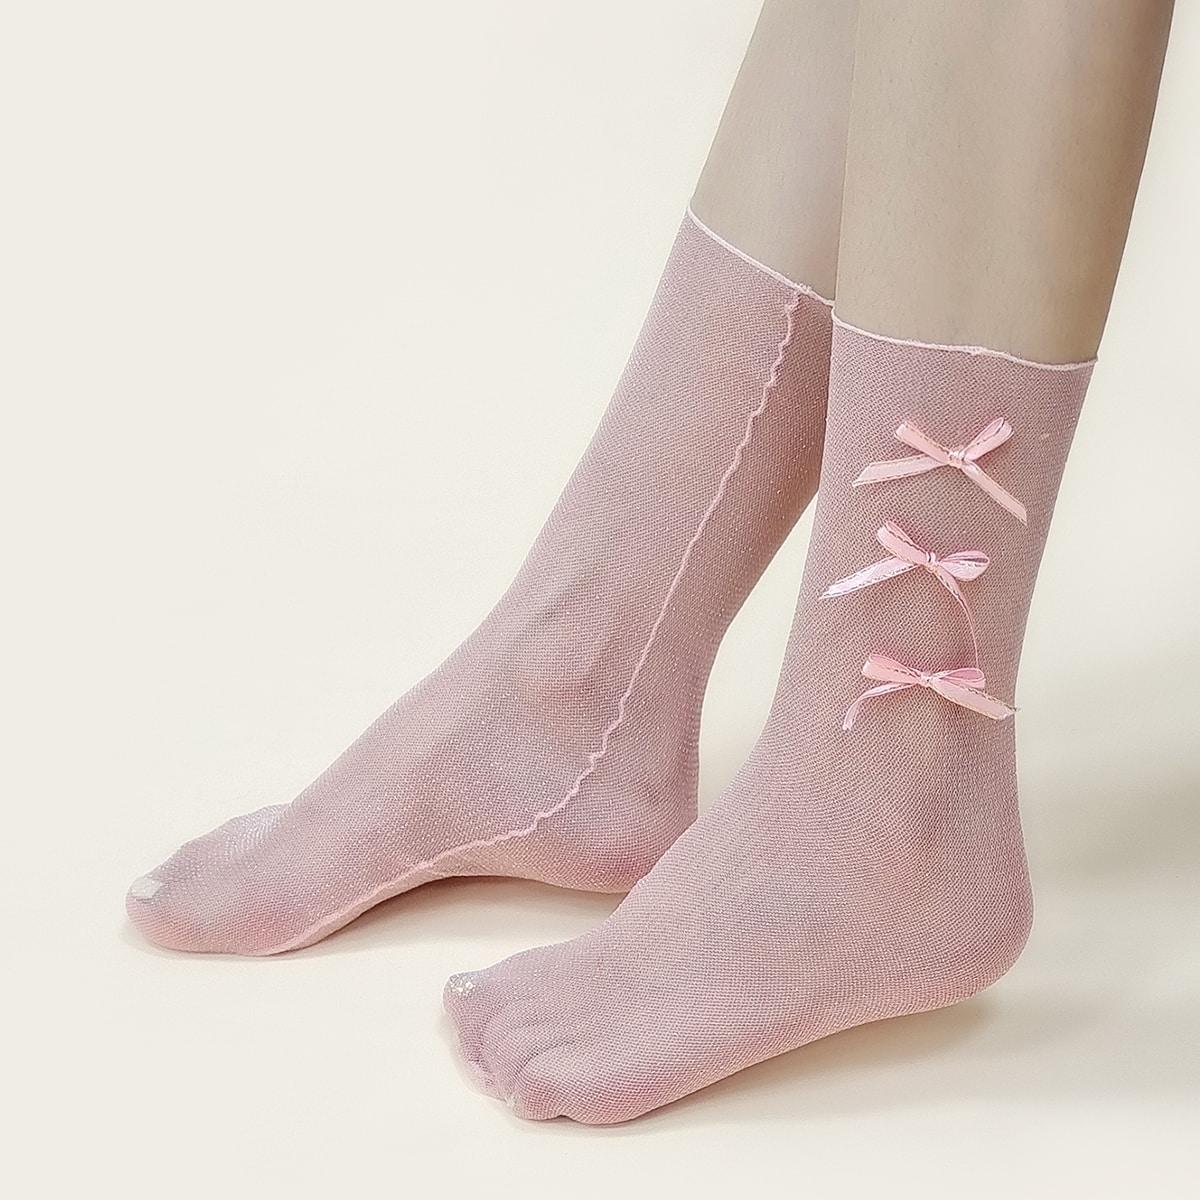 Носки до середины голени с бантом